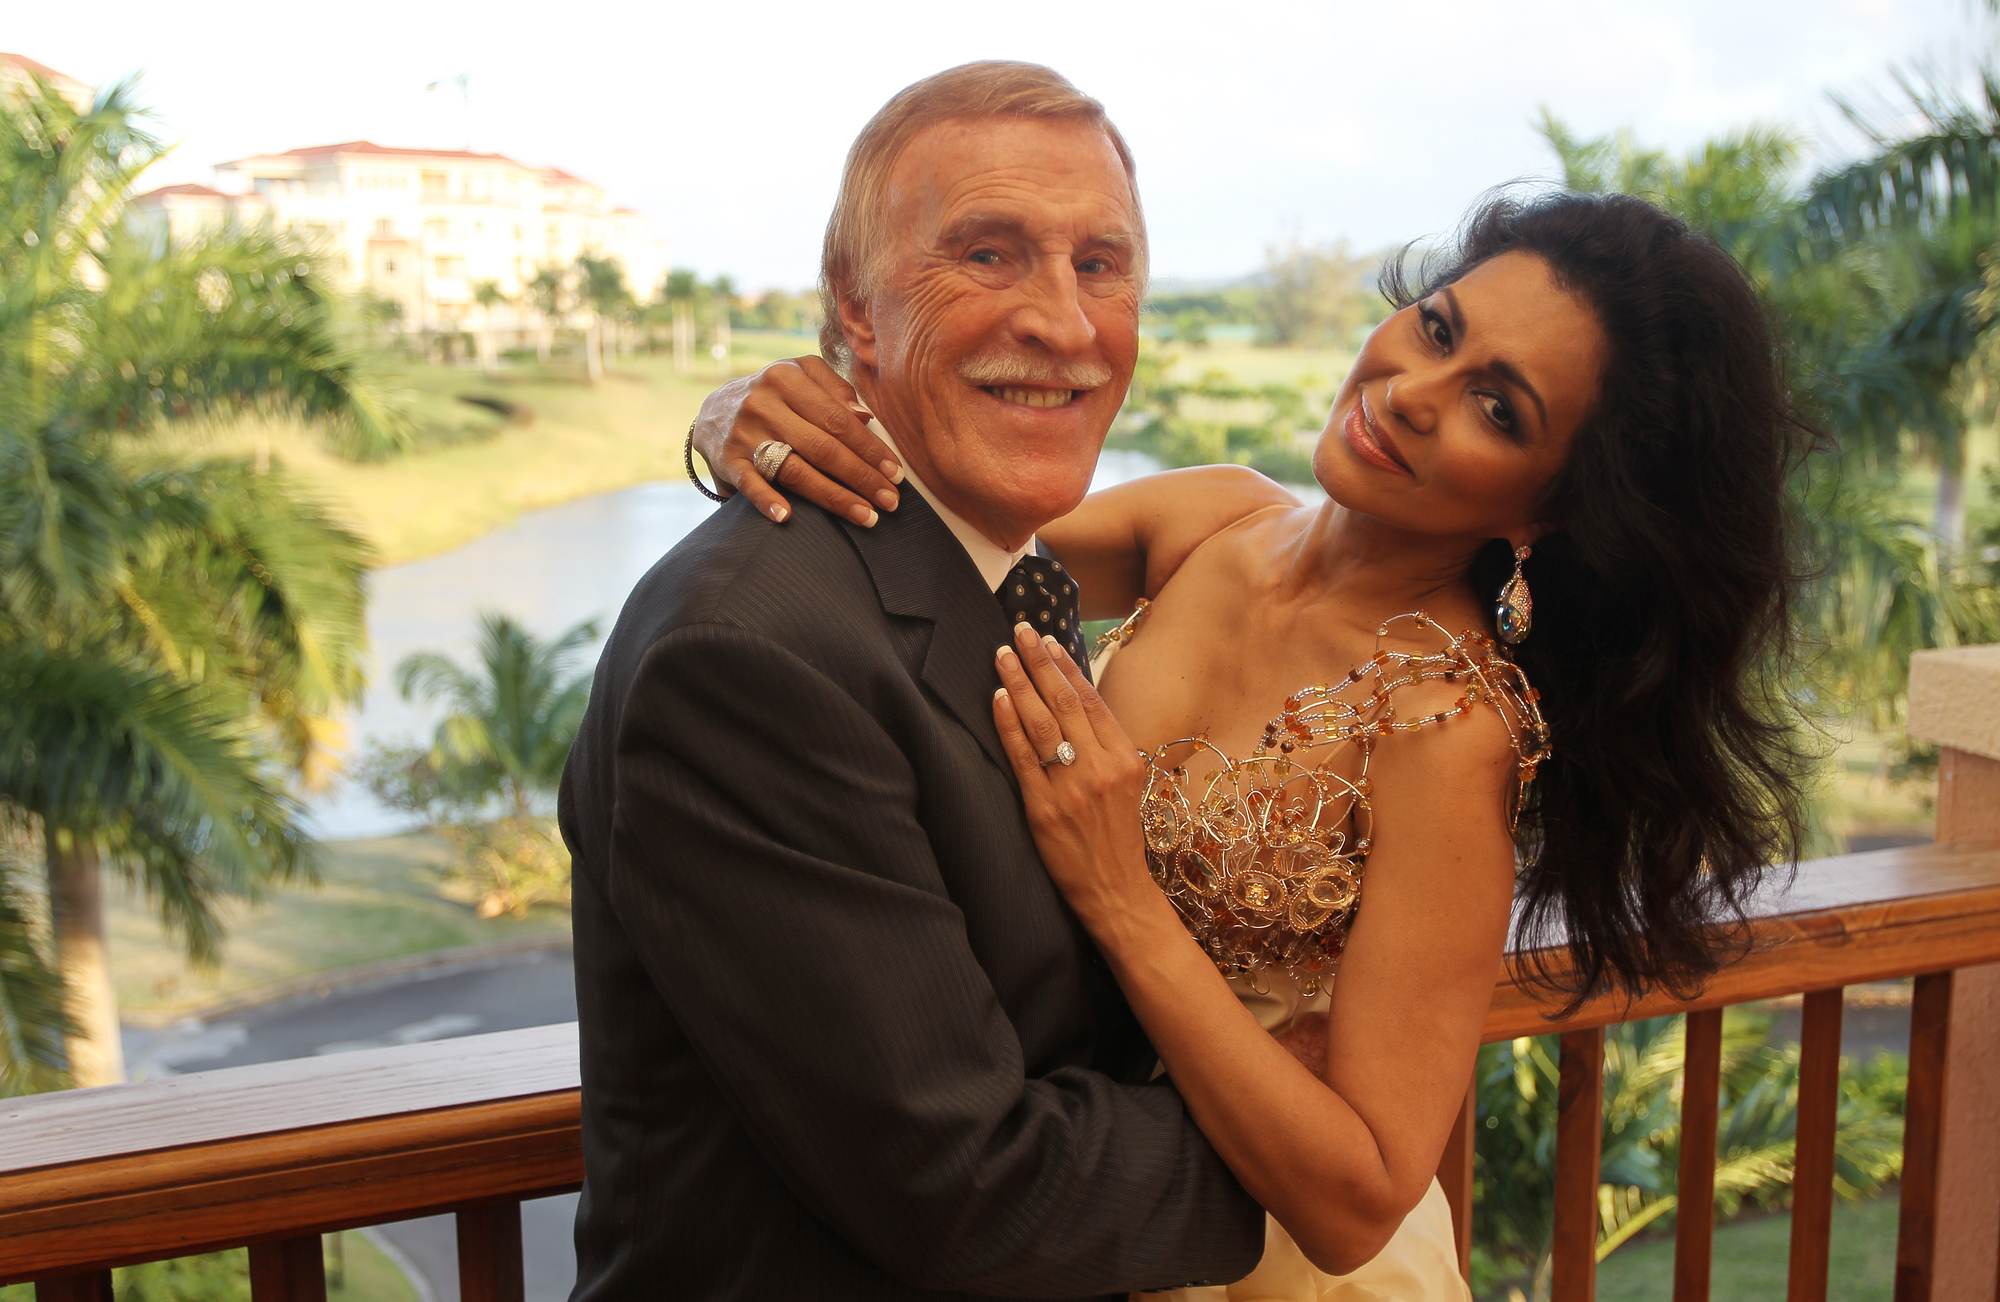 La pareja disfrutaba de vivir temporadas en Puerto Rico, donde mantienen grandes amigos. (Archivo)